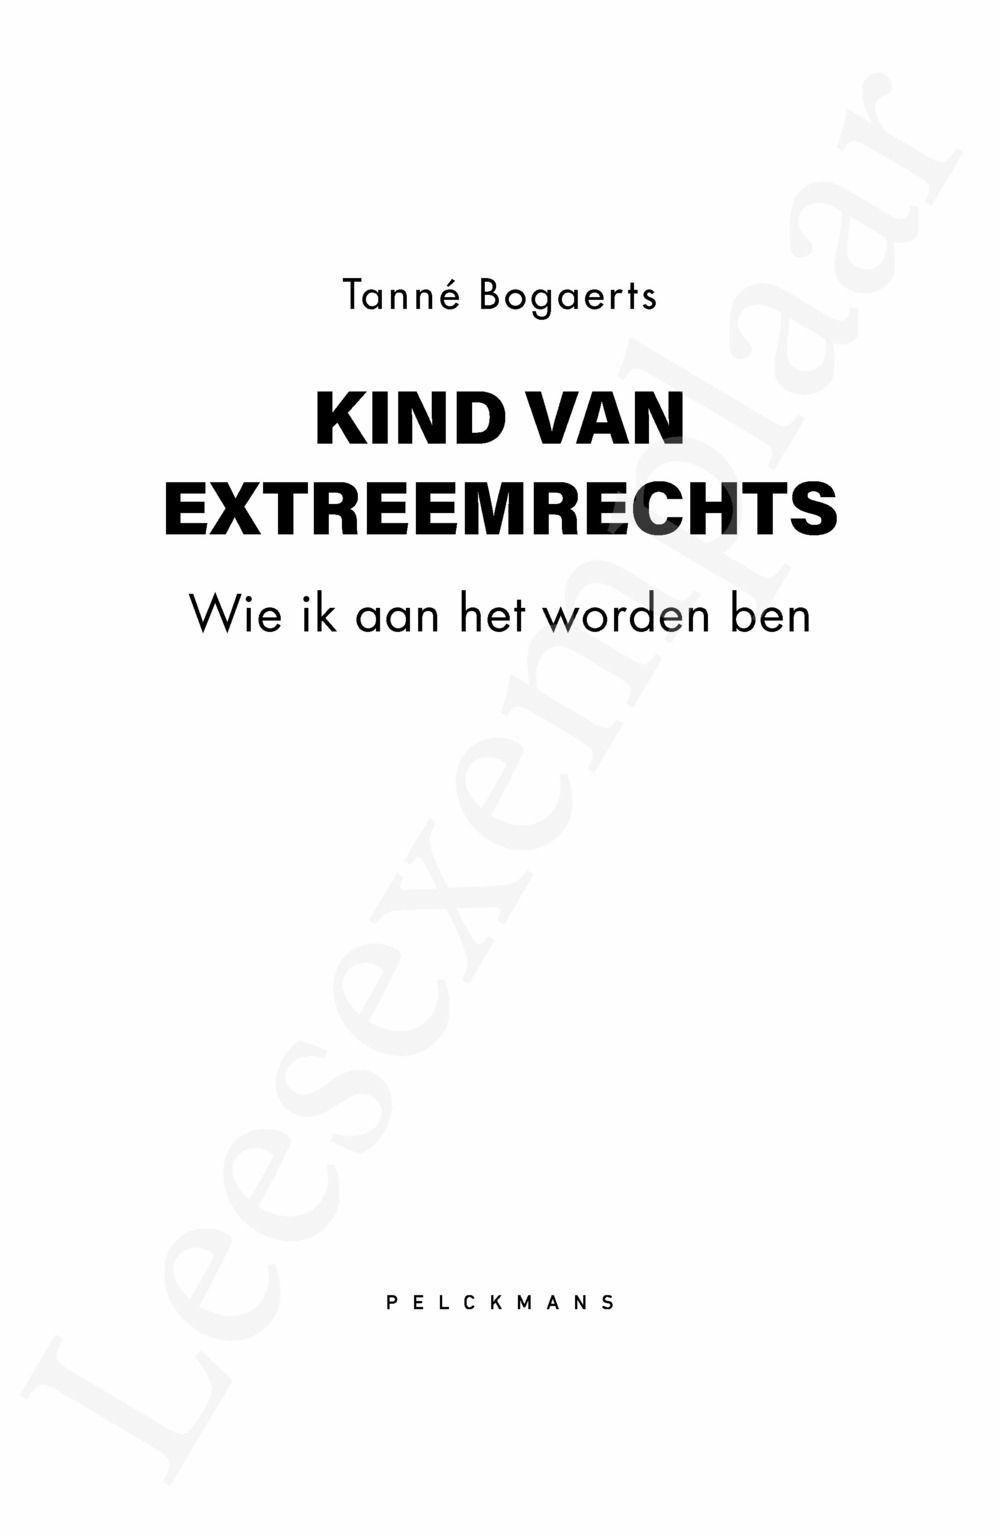 Preview: Kind van extreemrechts